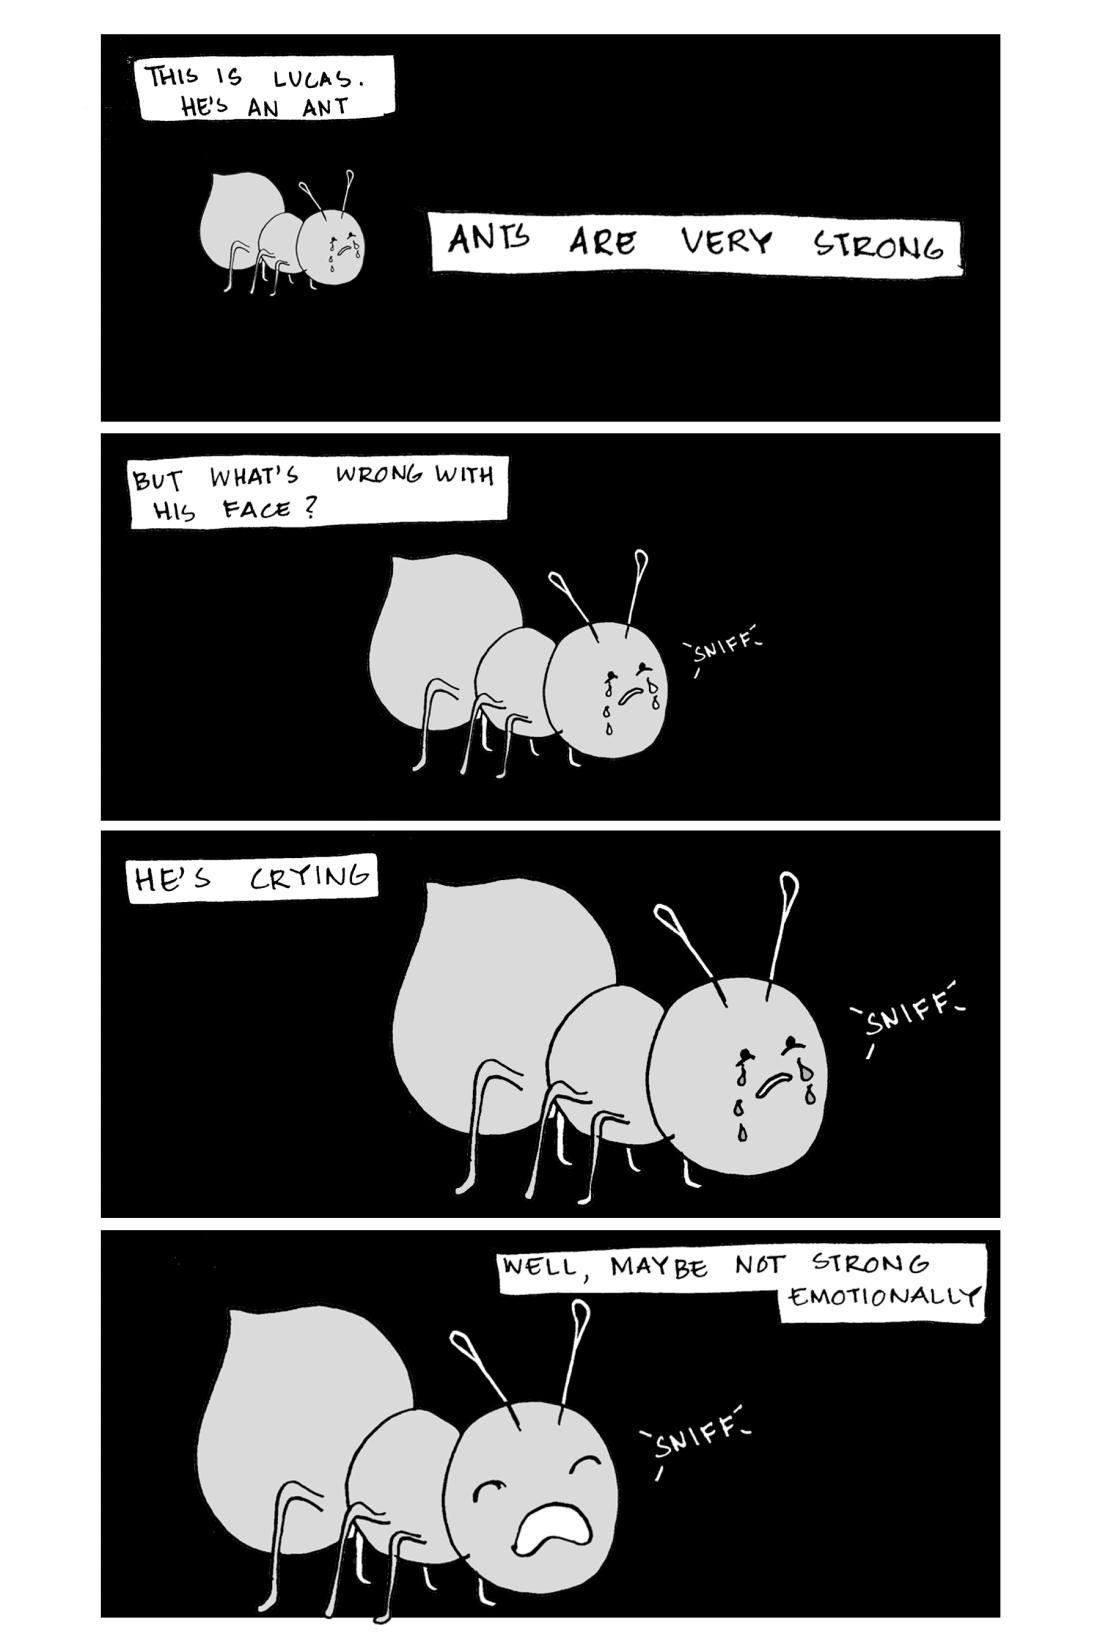 04_COMIX